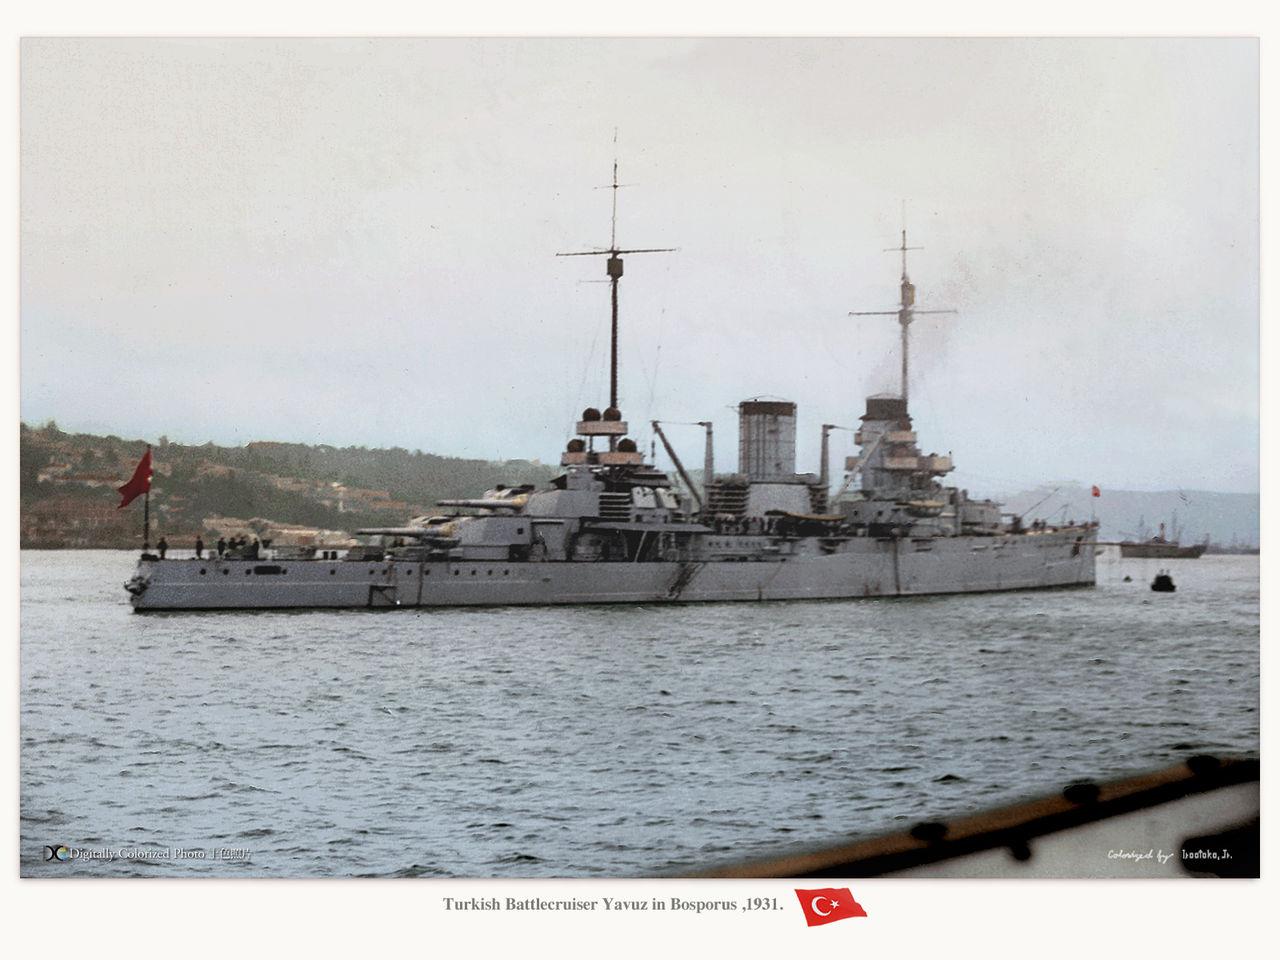 Yavuz in 1931